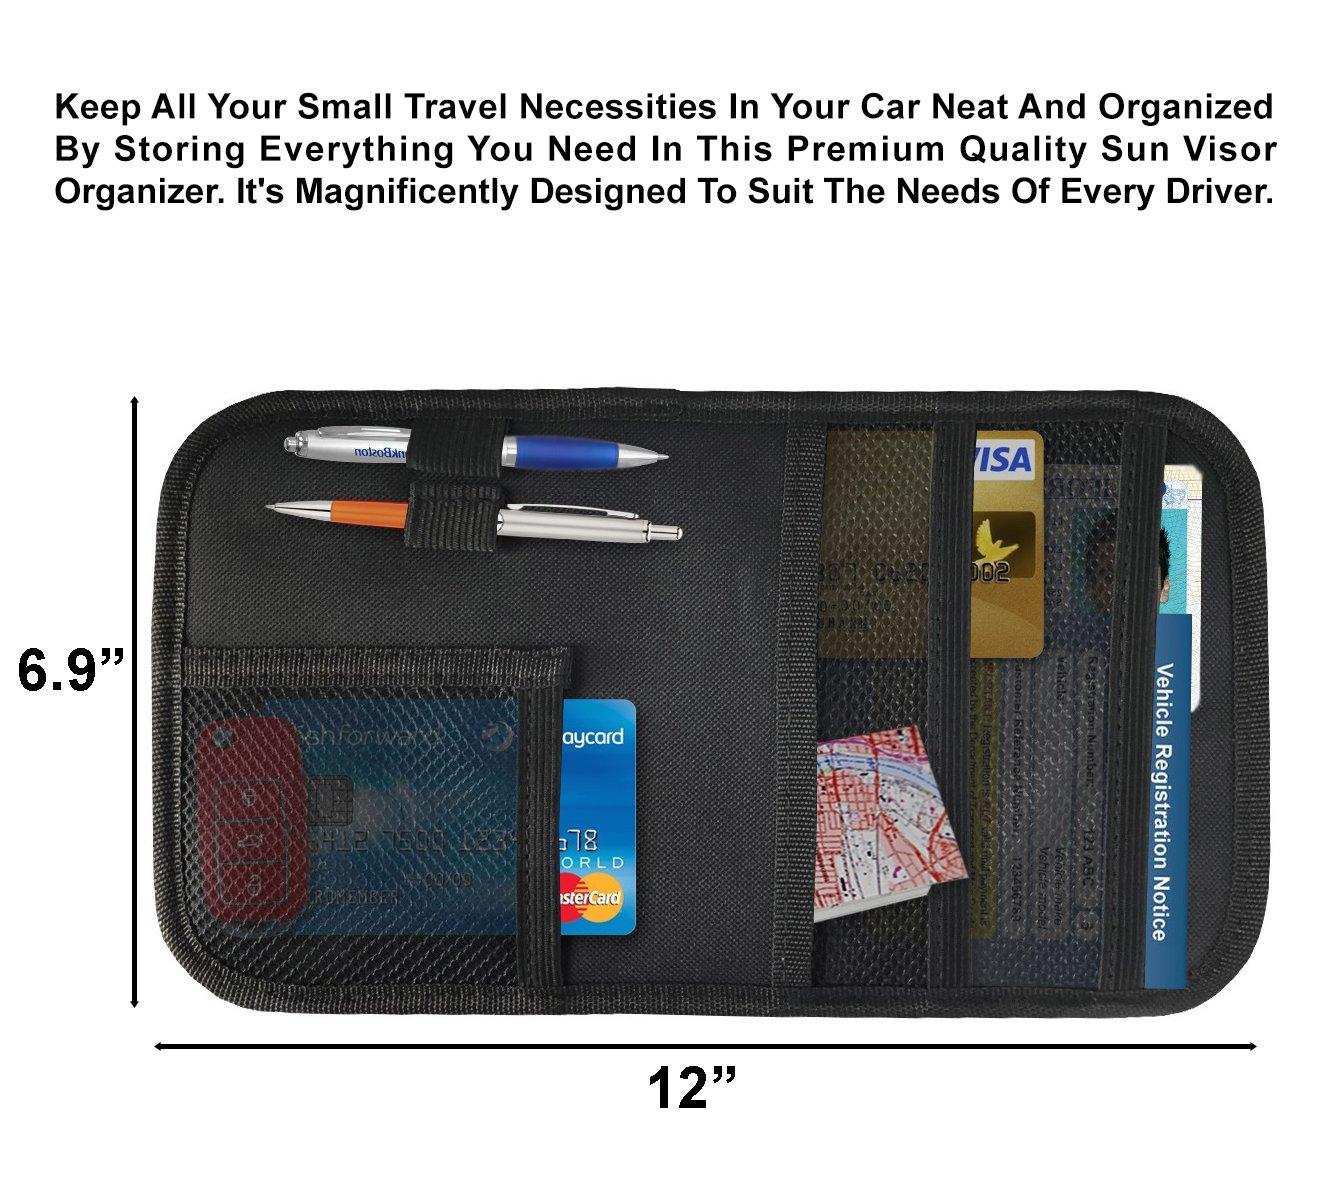 Auto Interior Accessories Pocket Organizer Interior Accessories Pocket Organizer 2724669060998 Lebogner Car Sun Visor Organizer Personal Belonging Storage Pouch Organizer Registration And Document Holder